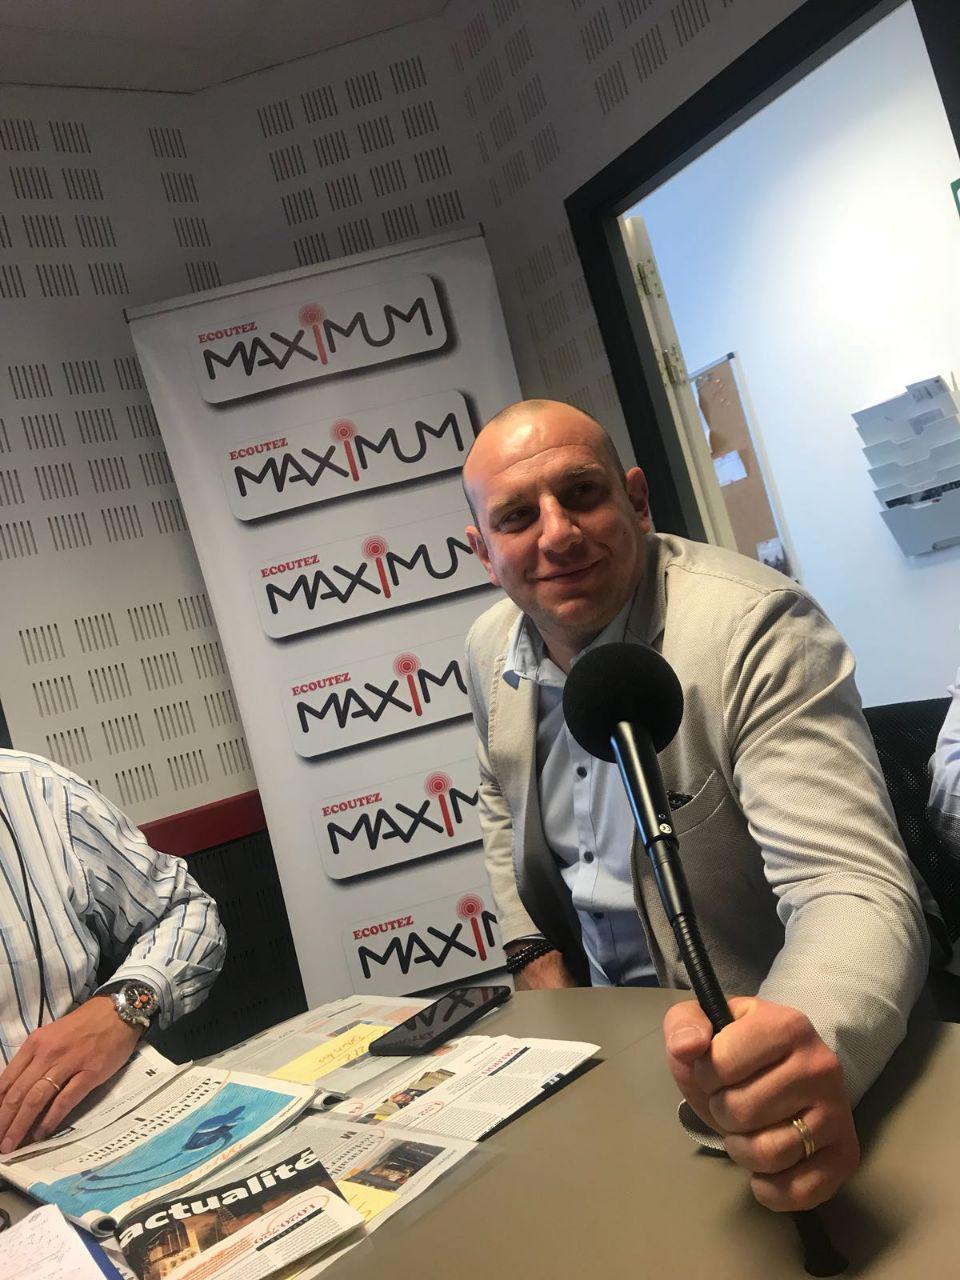 Kiwix sur Maximum FM